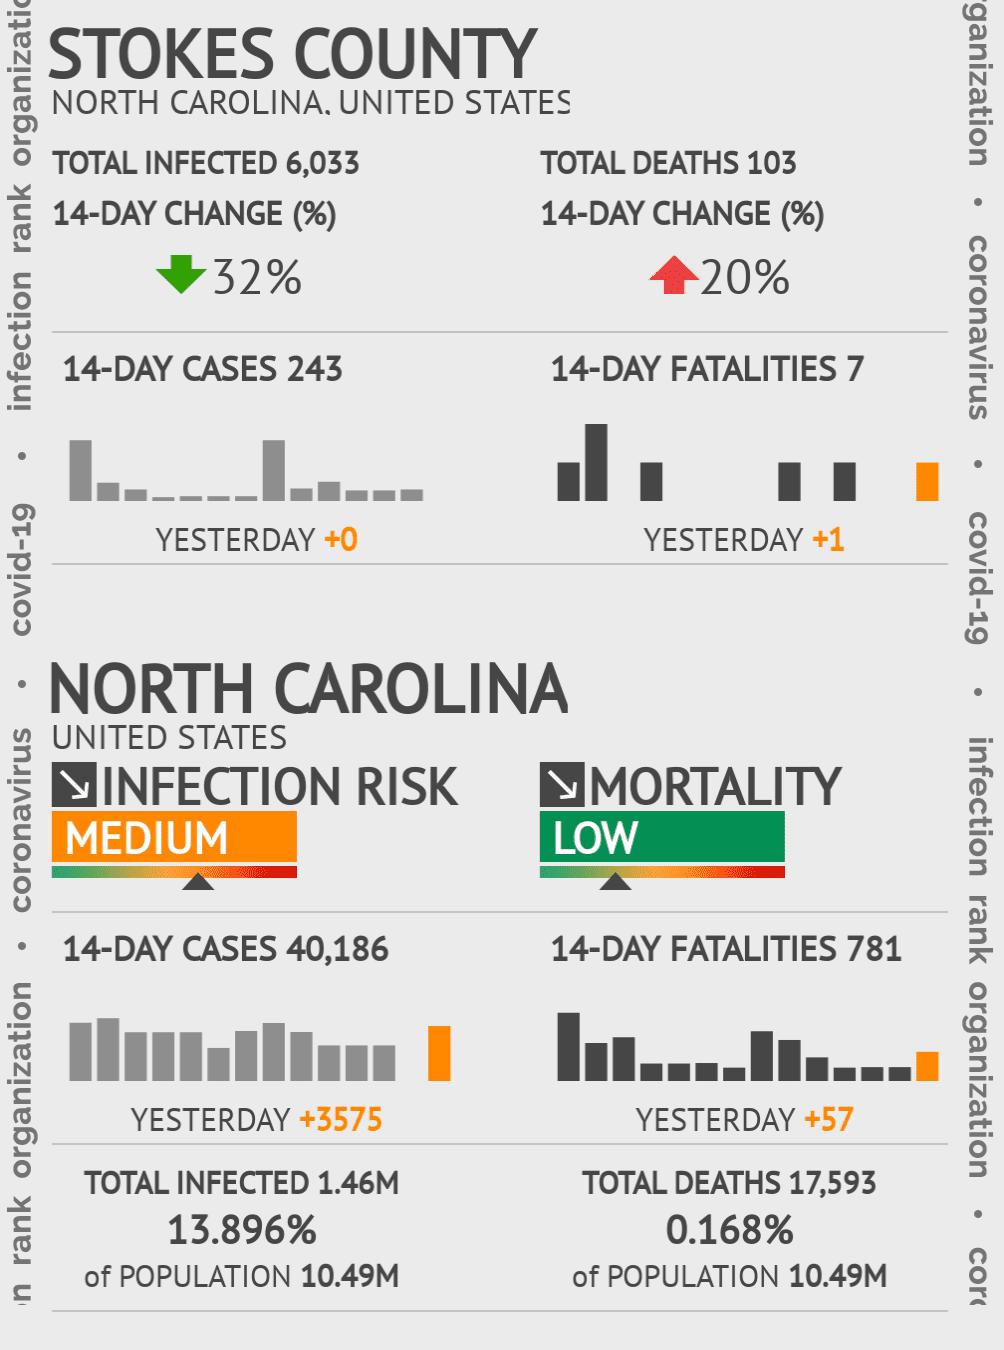 Stokes County Coronavirus Covid-19 Risk of Infection on January 22, 2021